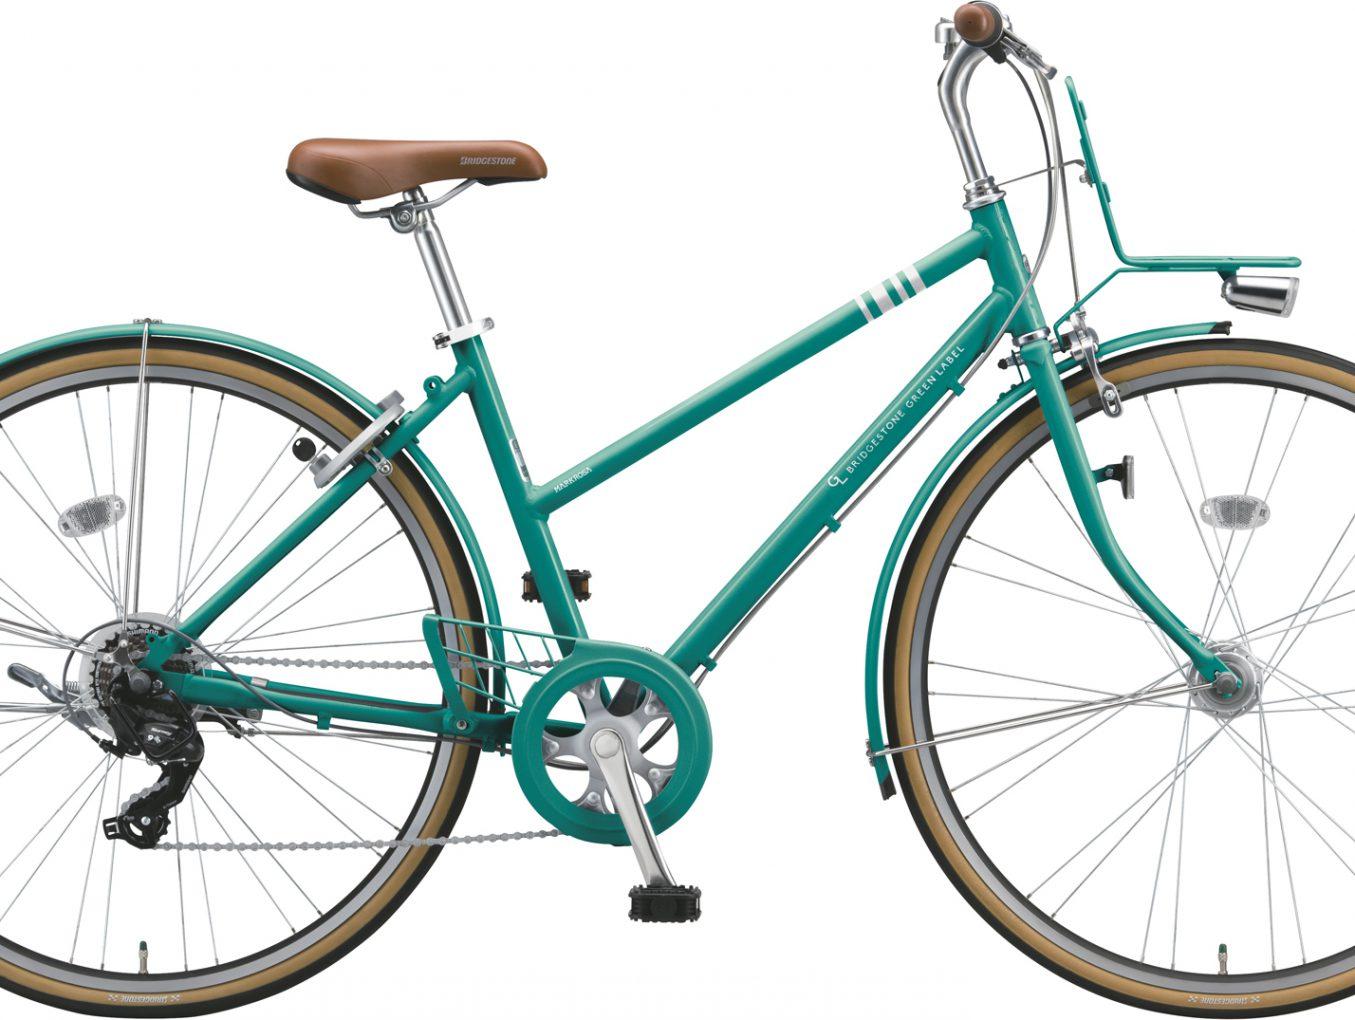 ブリヂストン自転車価格改定について